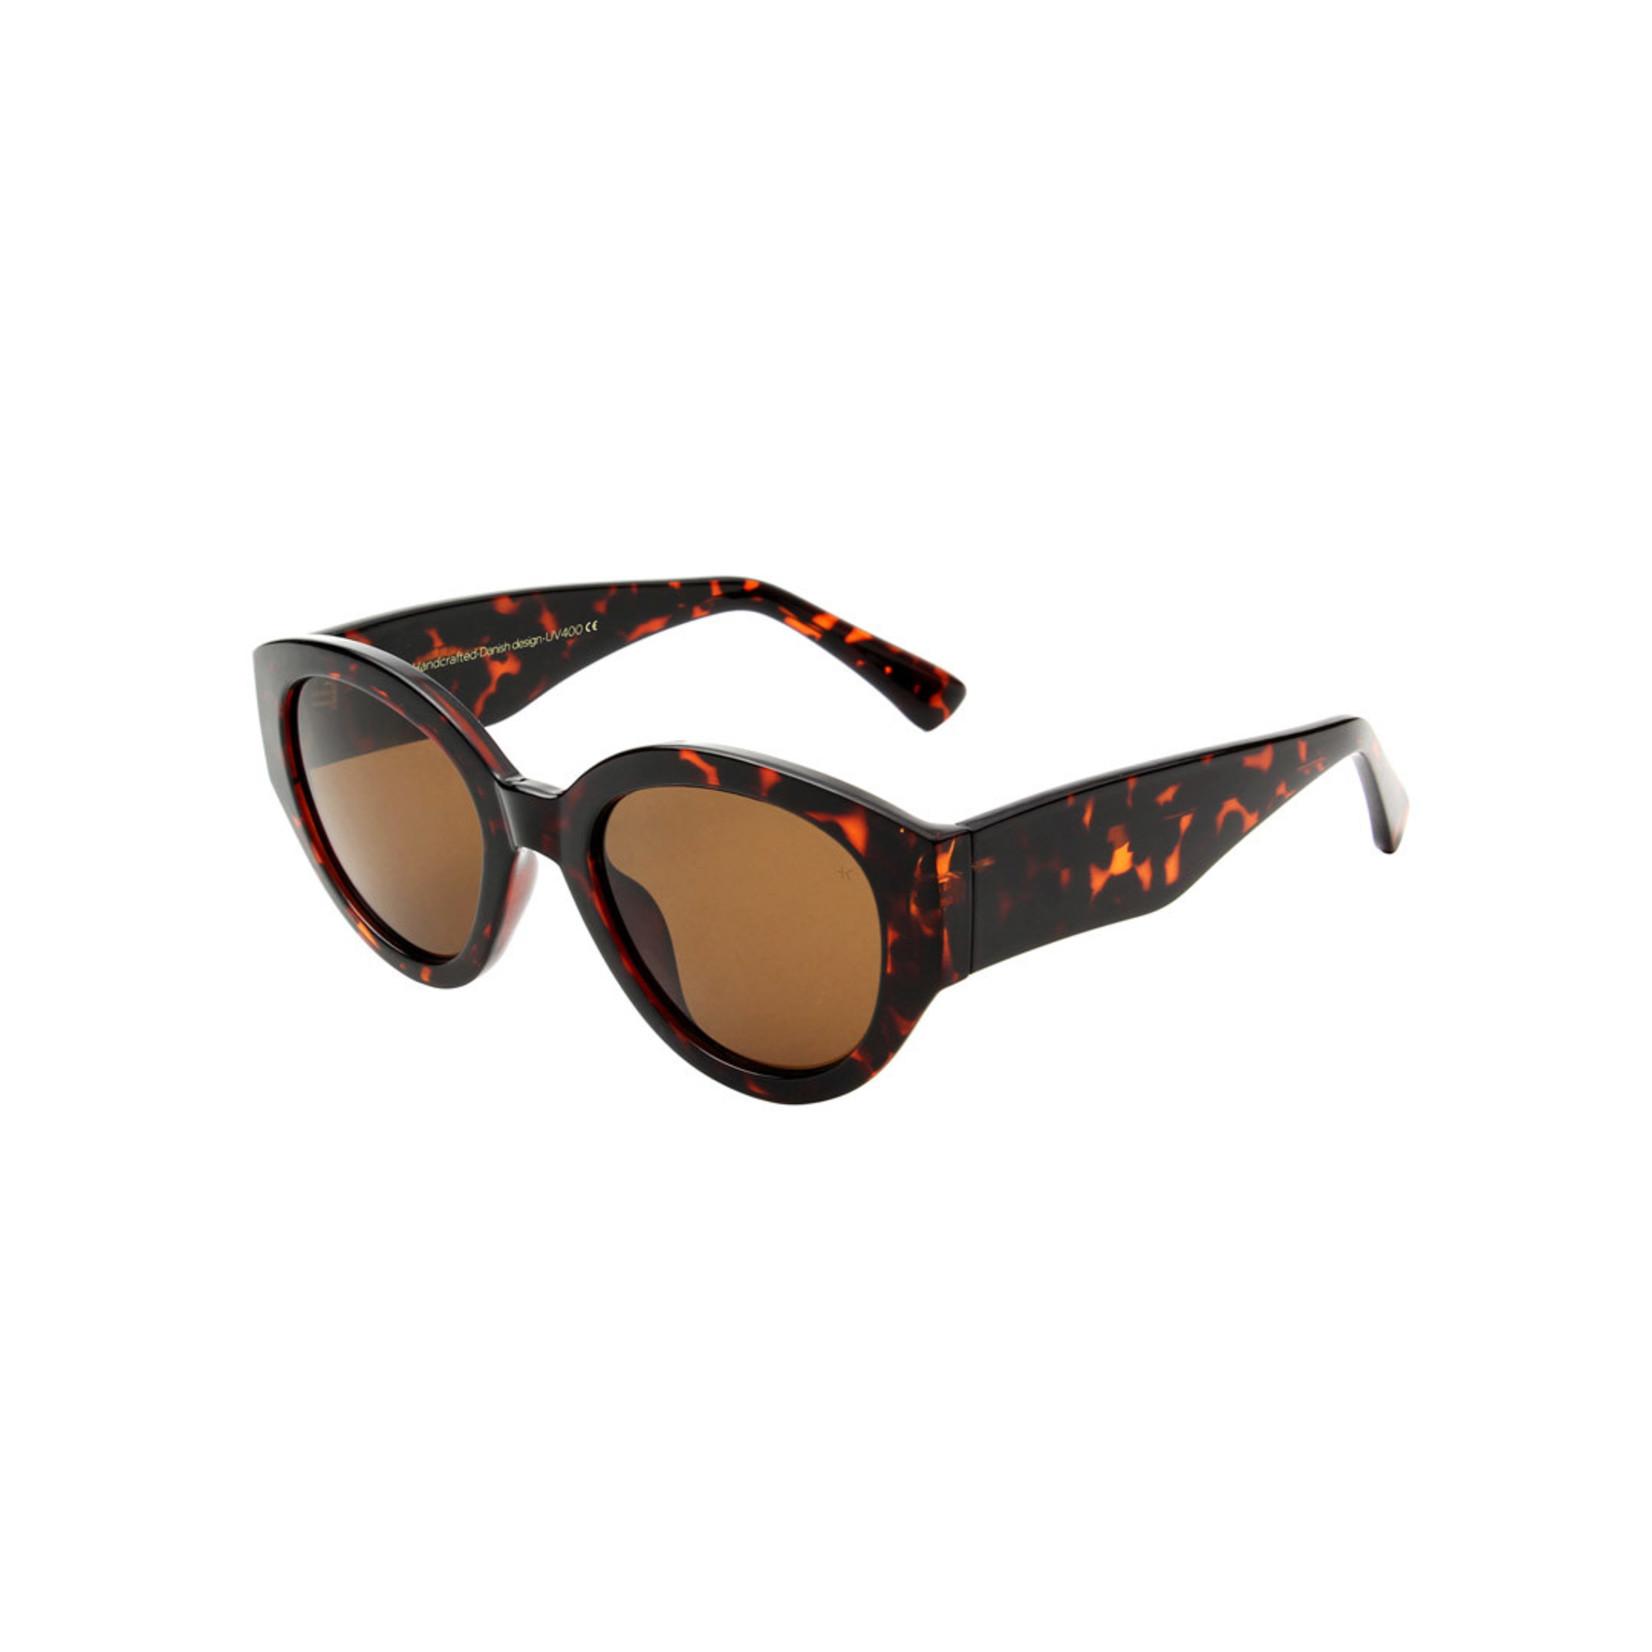 Kjearbede Kjearbede zonnebril Big Winnie Demi Turtoise/ KL2105-001